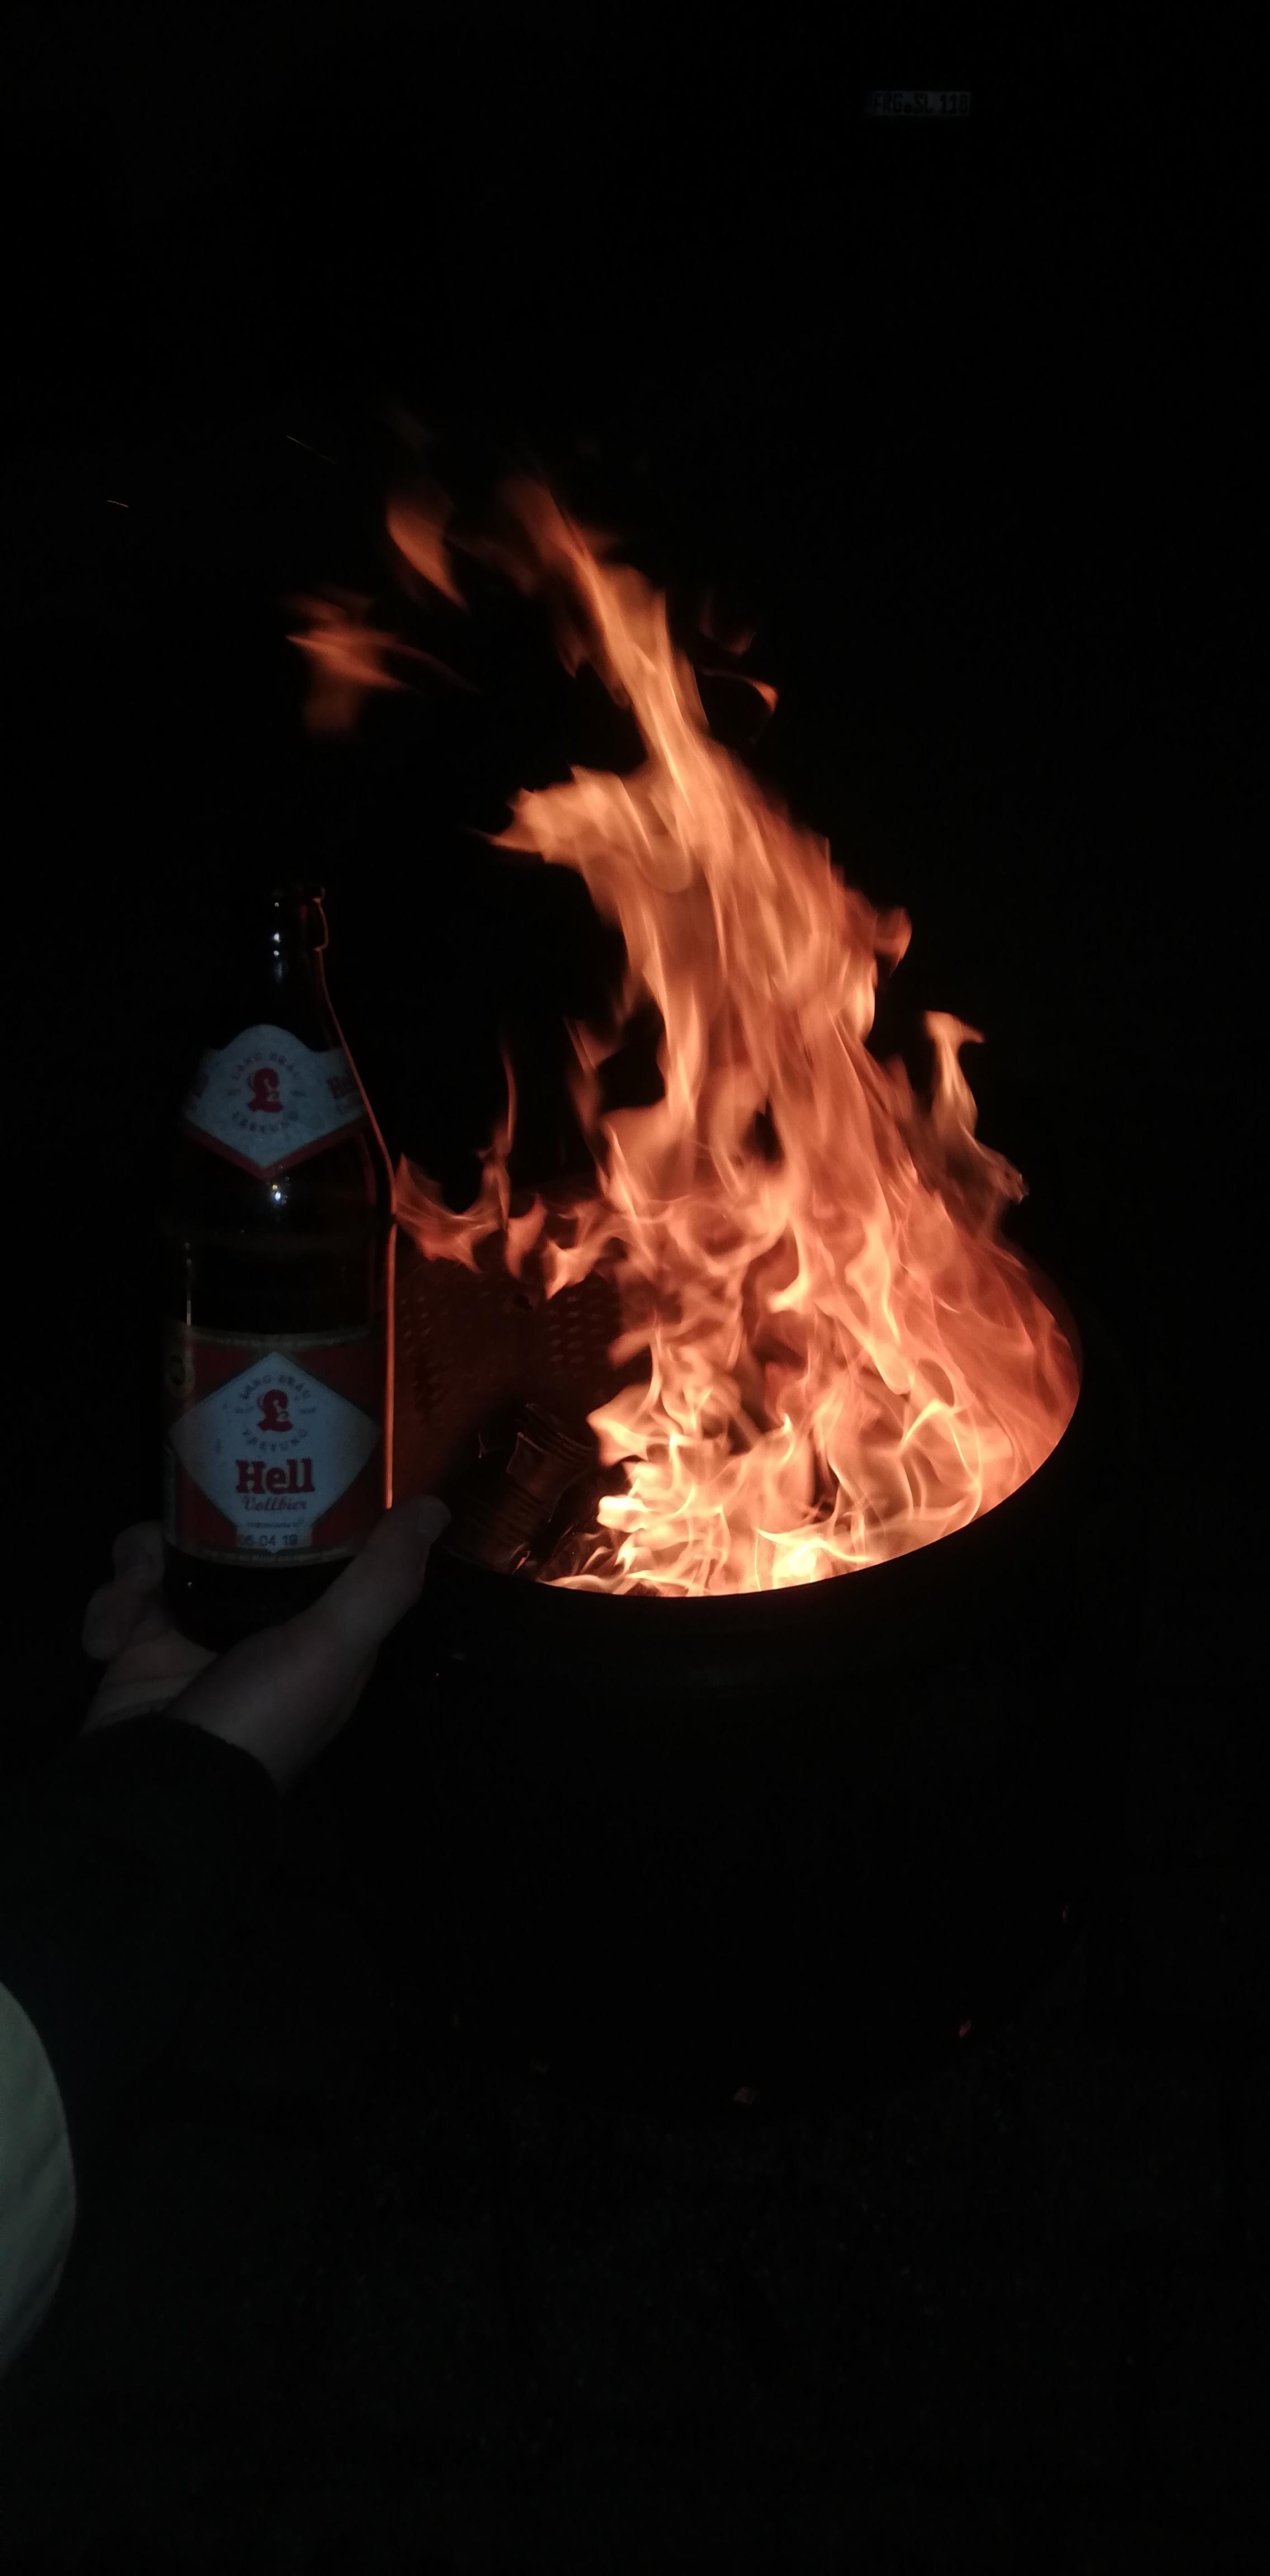 Weihnachtskonzert - Lagerfeuer mit gutem Langbräu Bier!